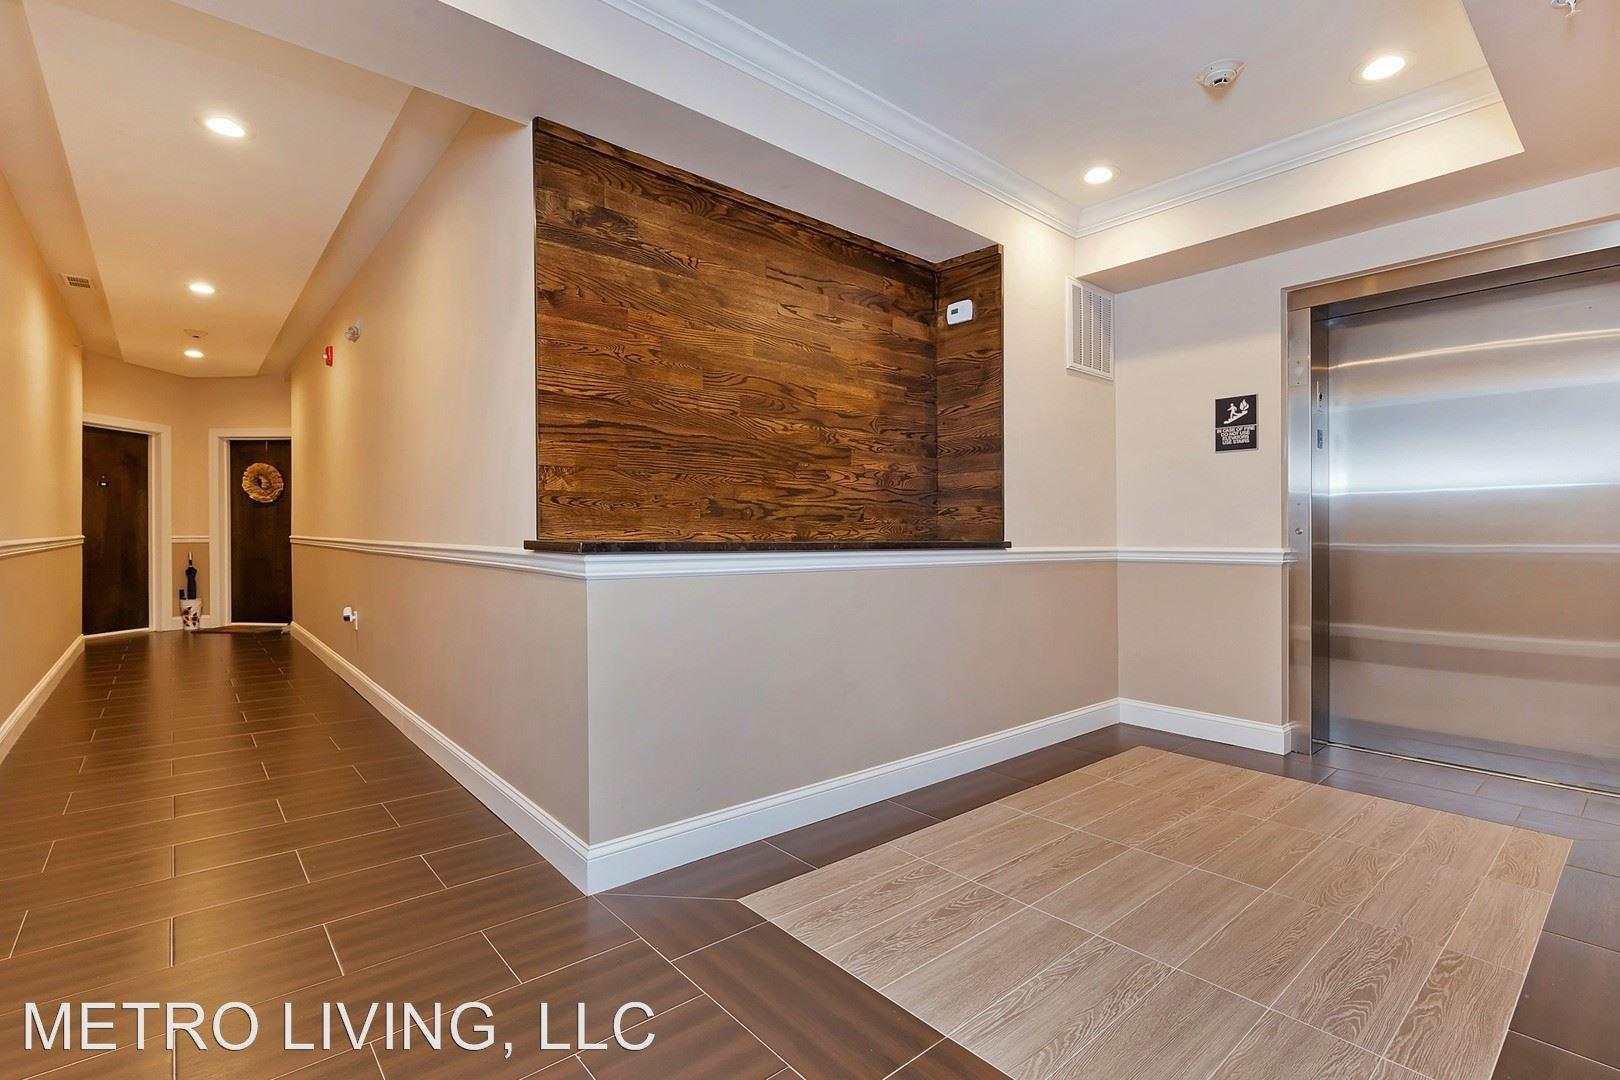 225-227 Rahway Ave #304 For Rent - Elizabeth, NJ | Trulia